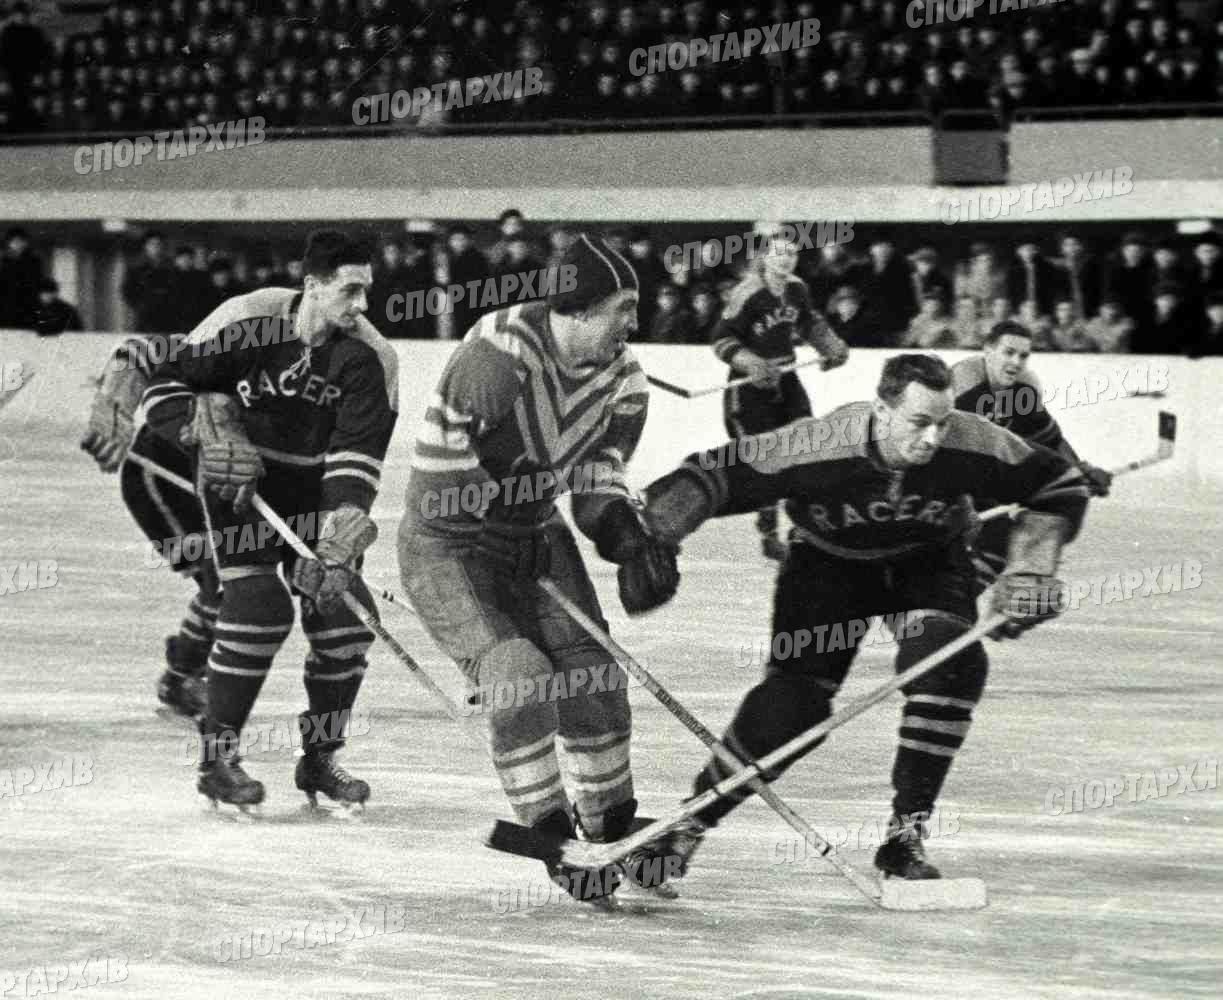 Пантюхов 04-в центре 1957-12-25 Сборная клубов Москвы-Харренгей райсерз Англия.jpg